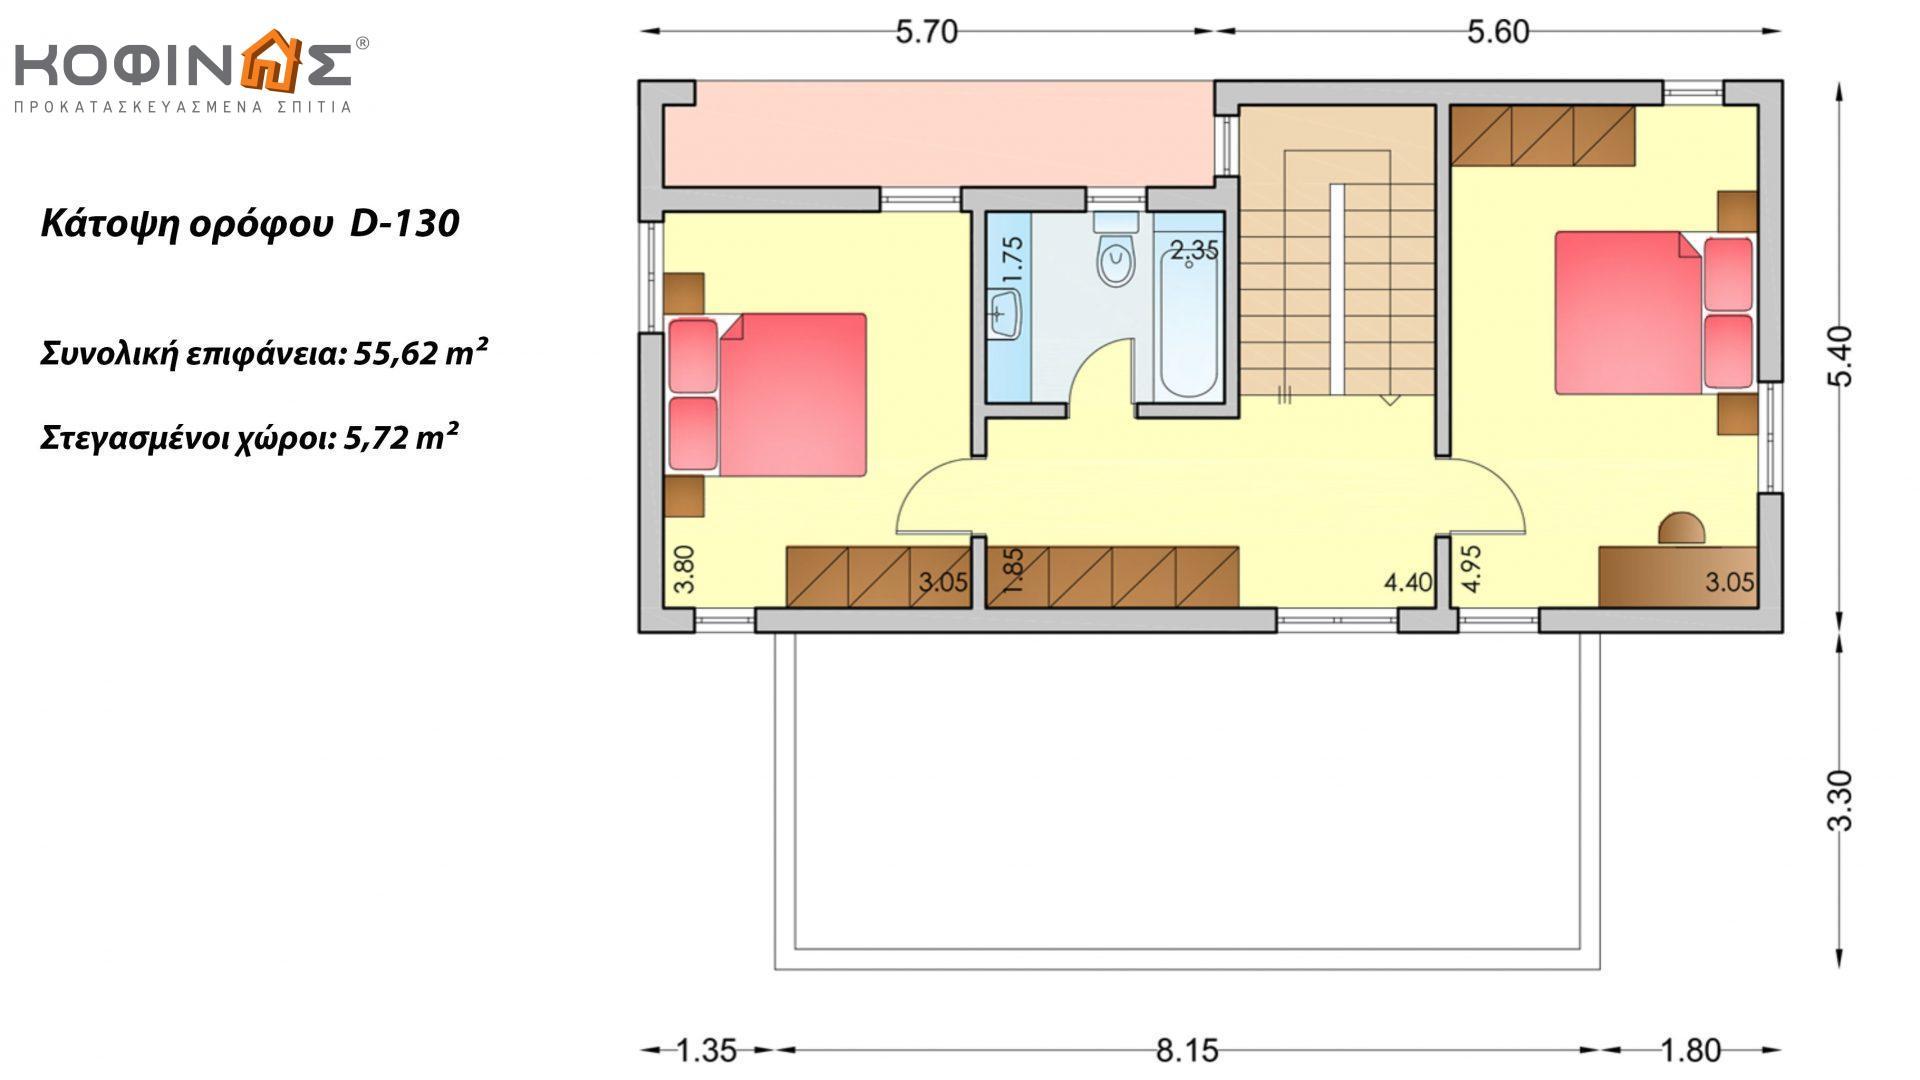 Διώροφη Κατοικία D-130, συνολικής επιφάνειας 130,20 τ.μ.